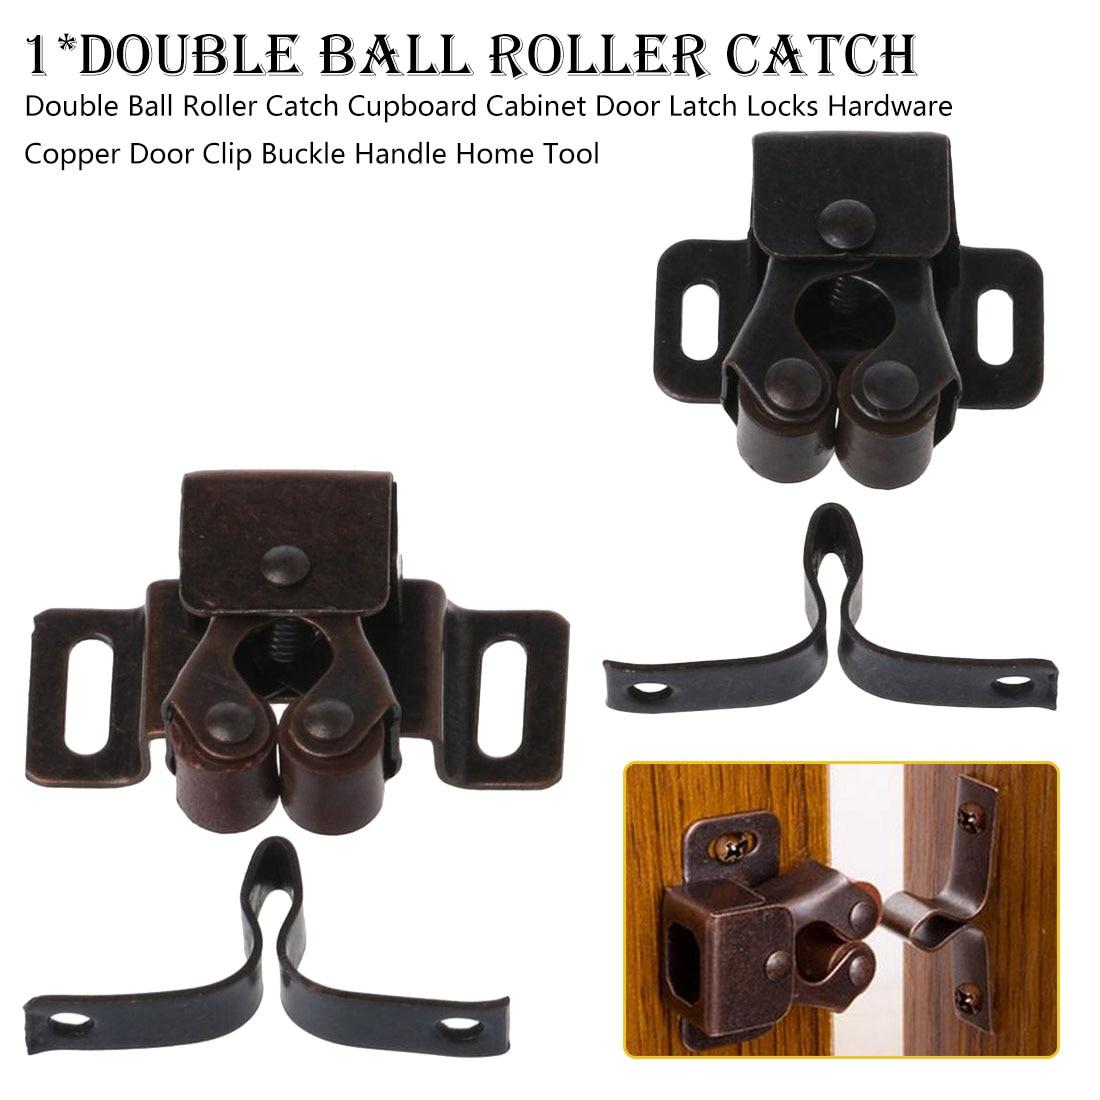 1Pc Double Ball Roller Catches Cupboard Cabinet Door Latch Locks Hardware Copper Door Clip Buckle Handle Home Door